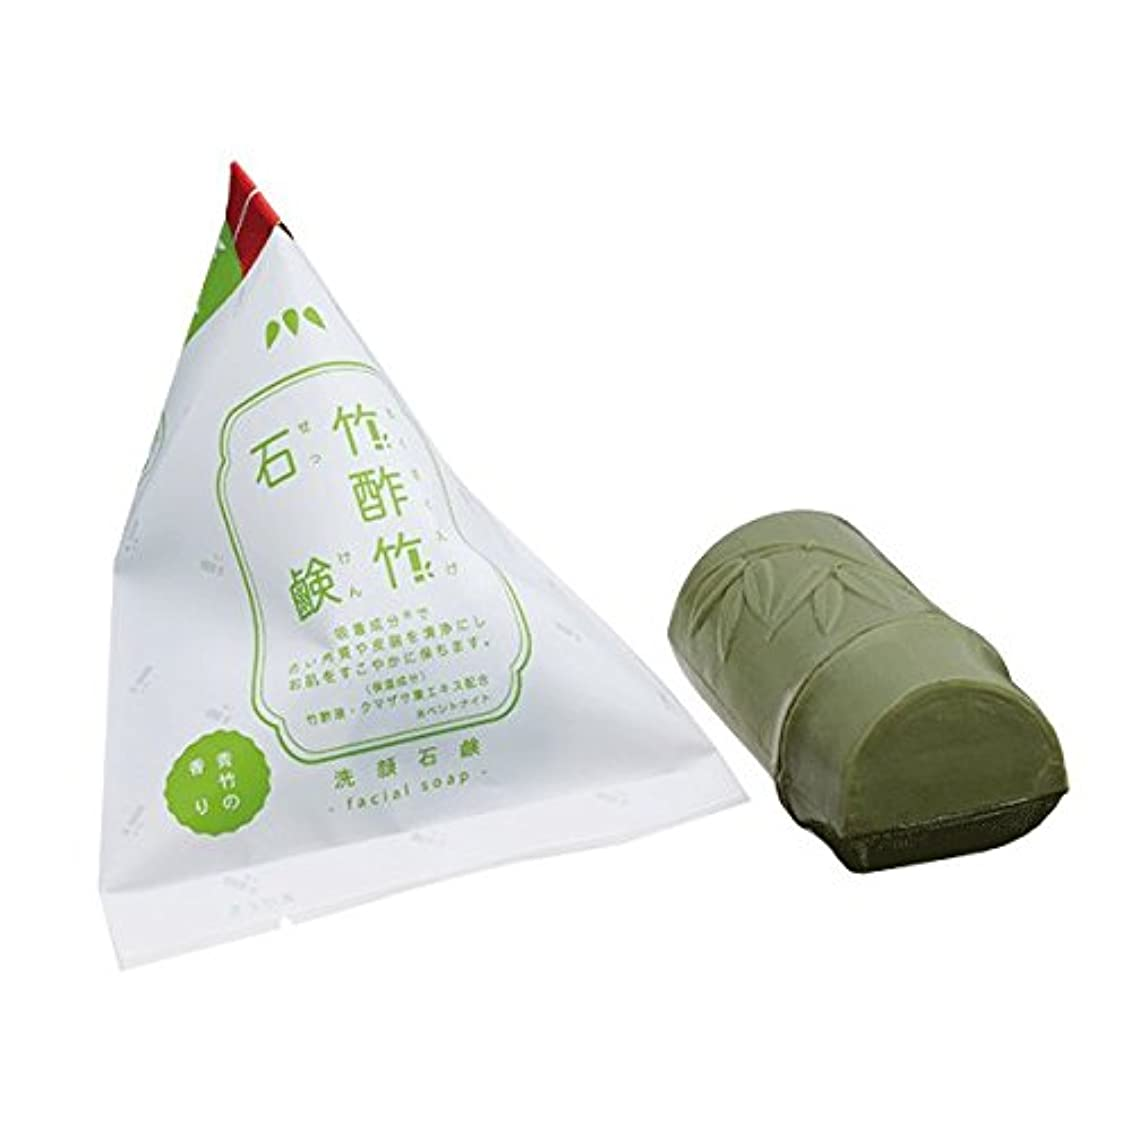 メタン抑圧パークフェニックス 竹酢竹泥棒石鹸120g(5個セット)